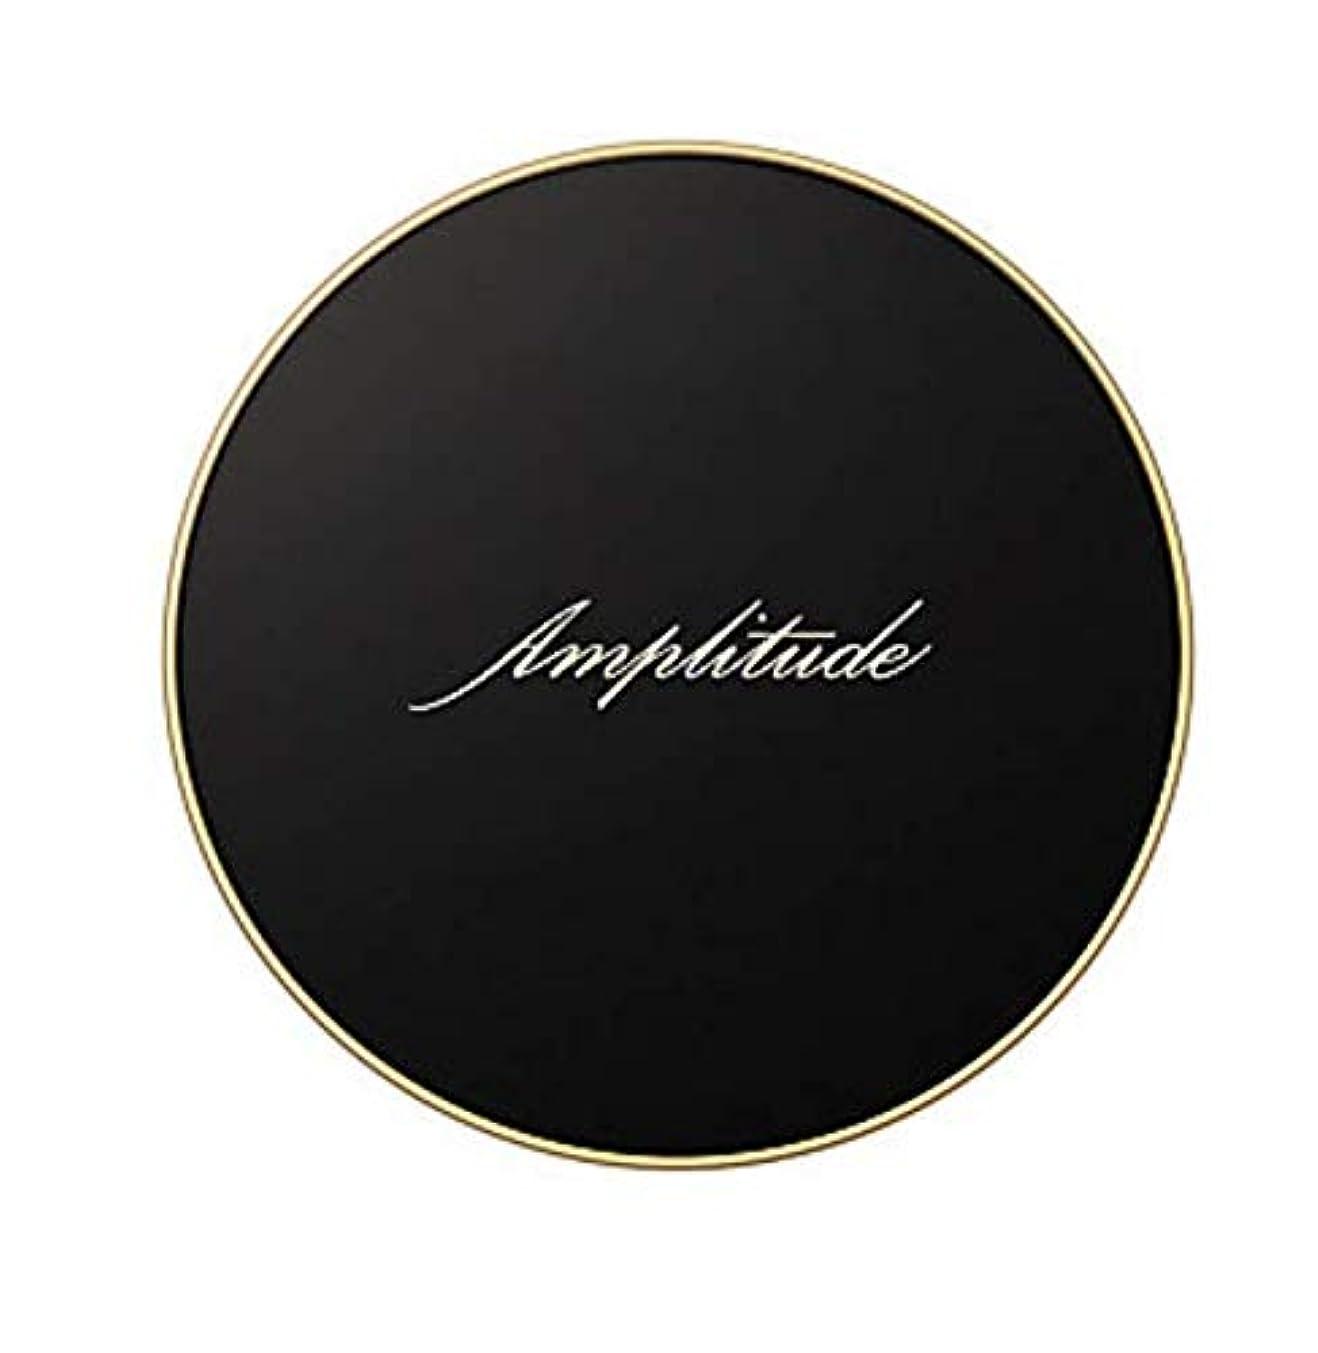 【Amplitude(アンプリチュード)】トランスルーセント エマルジョンファンデーション コンパクト_(コンパクトケース)